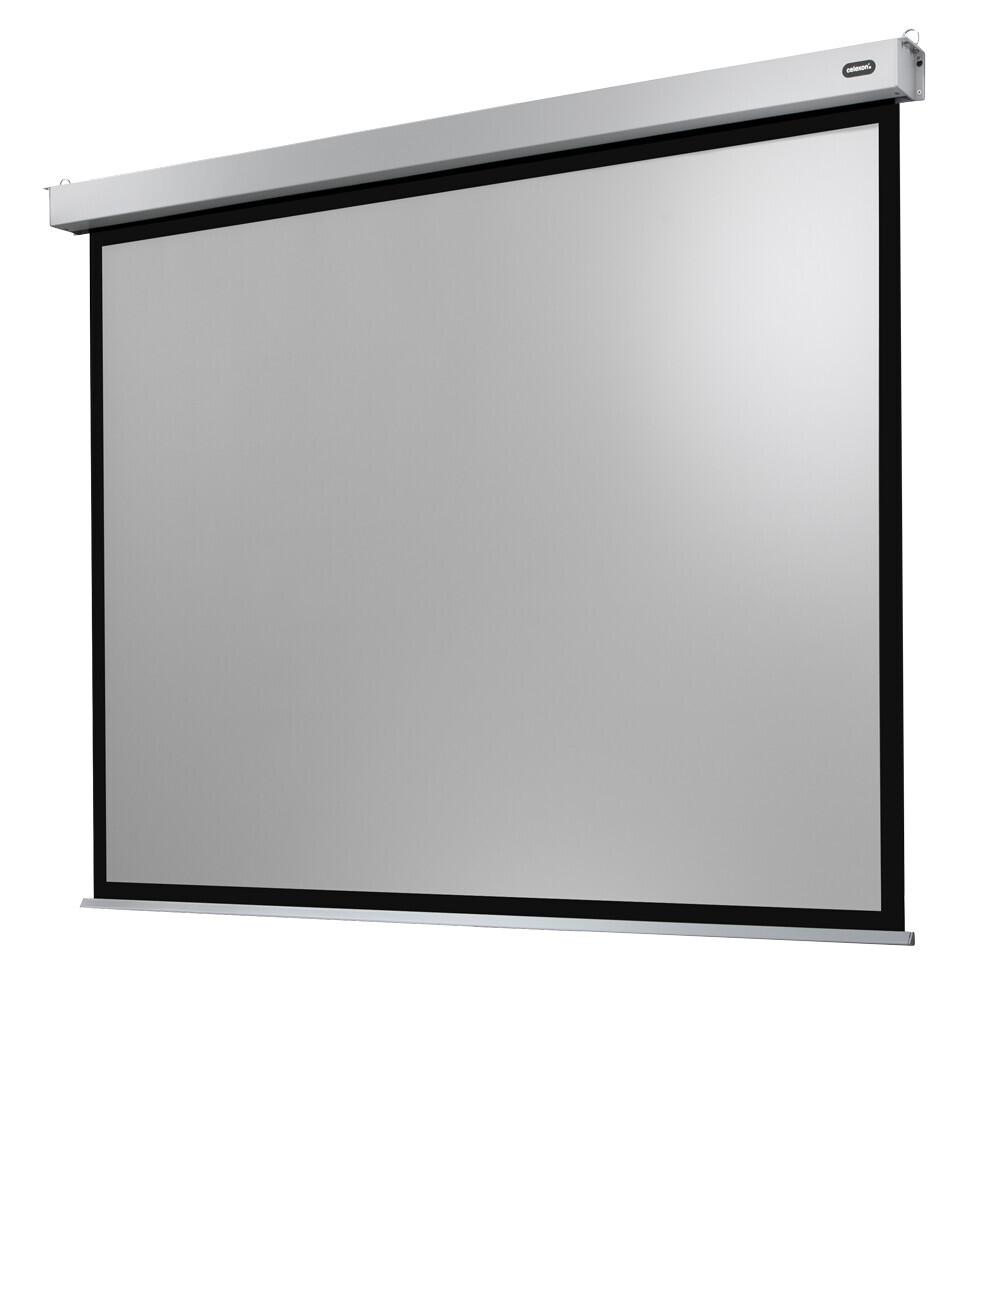 Ecran de projection celexon Motorisé PRO PLUS 300 x 225cm